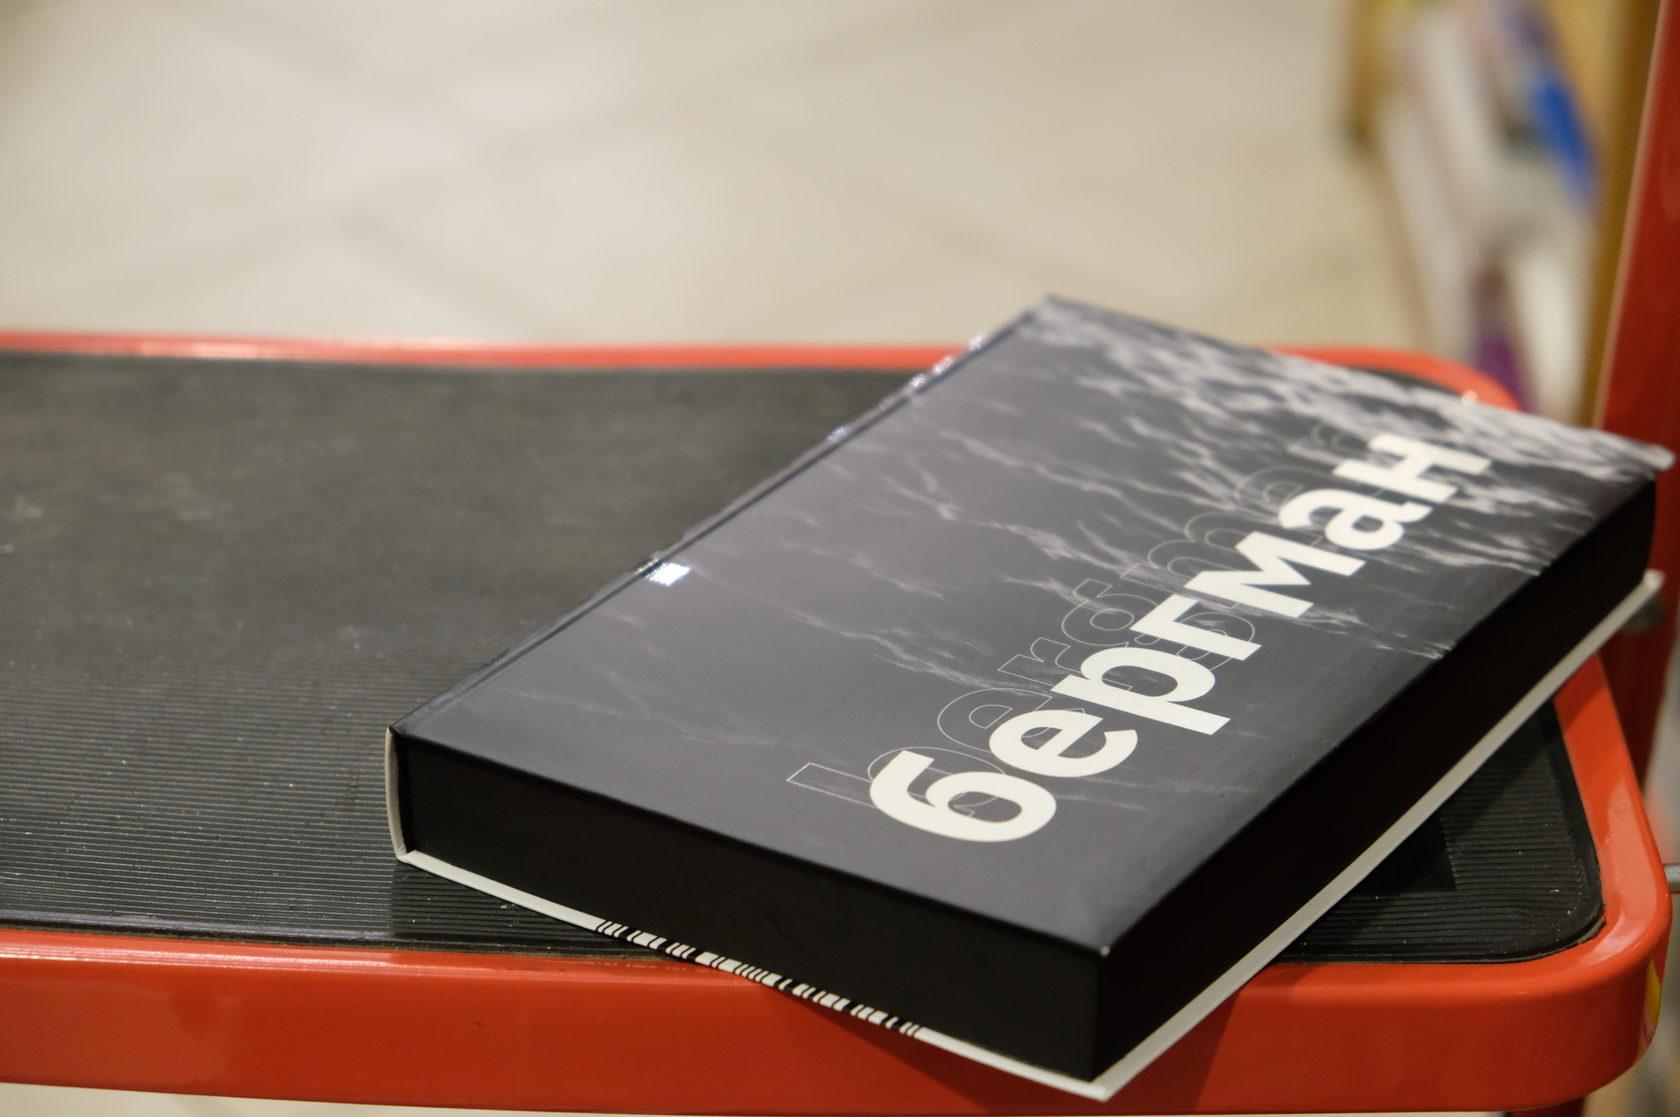 Купить книгу «Бергман», издательство Сеанс, 978-5-905669-43-9